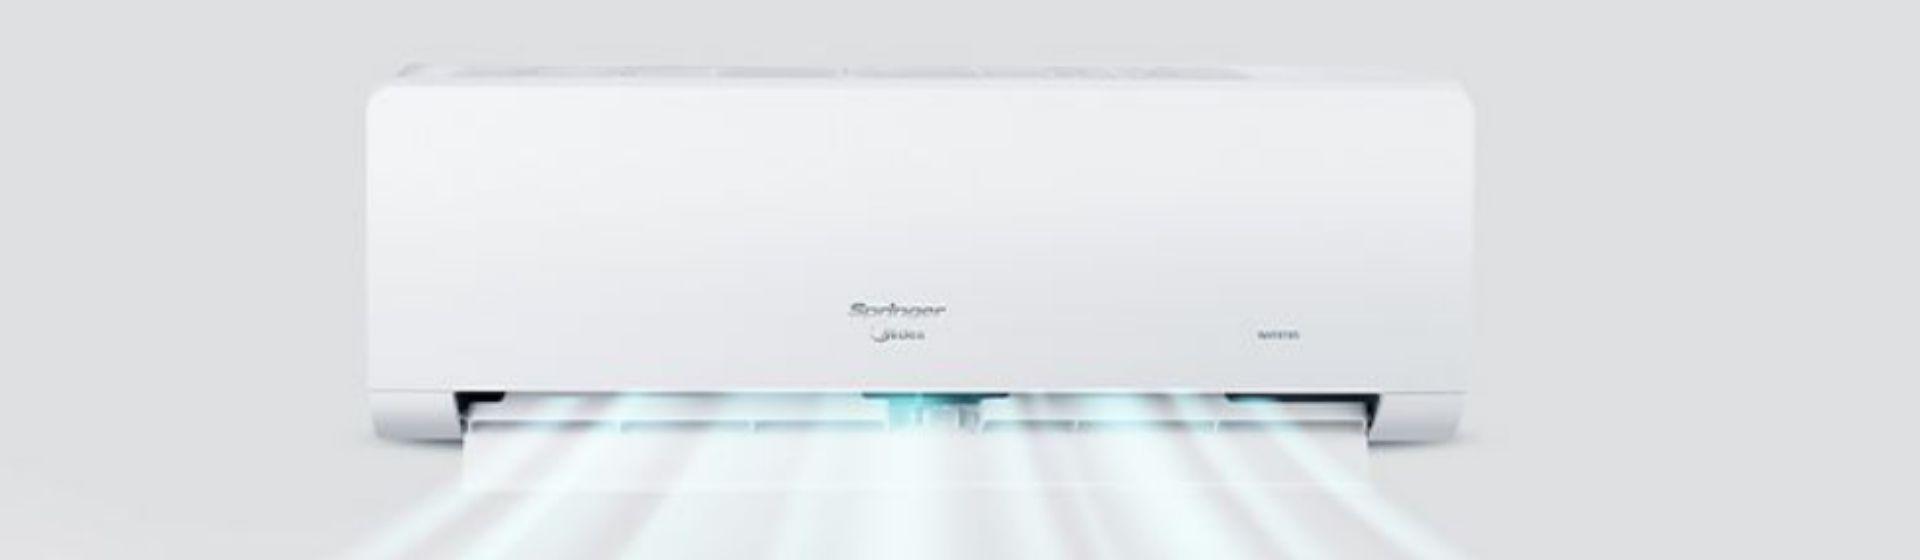 Ar-condicionado Springer é bom?